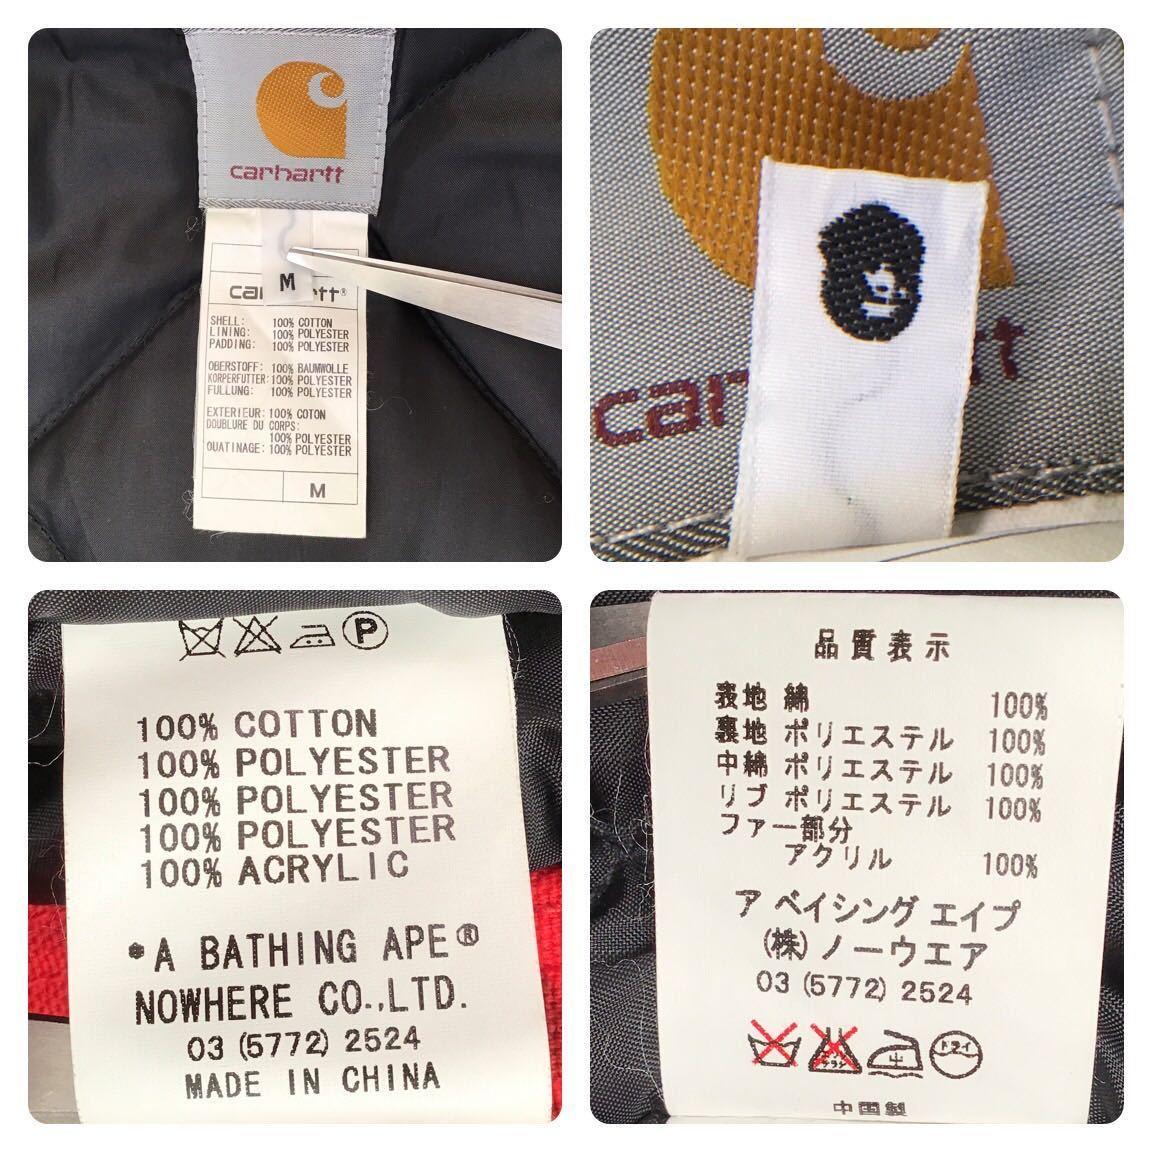 ★激レア★ carhartt × bape N-3B jacket Mサイズ a bathing ape カーハート エイプ ベイプ アベイシングエイプ red camo 迷彩 nigo